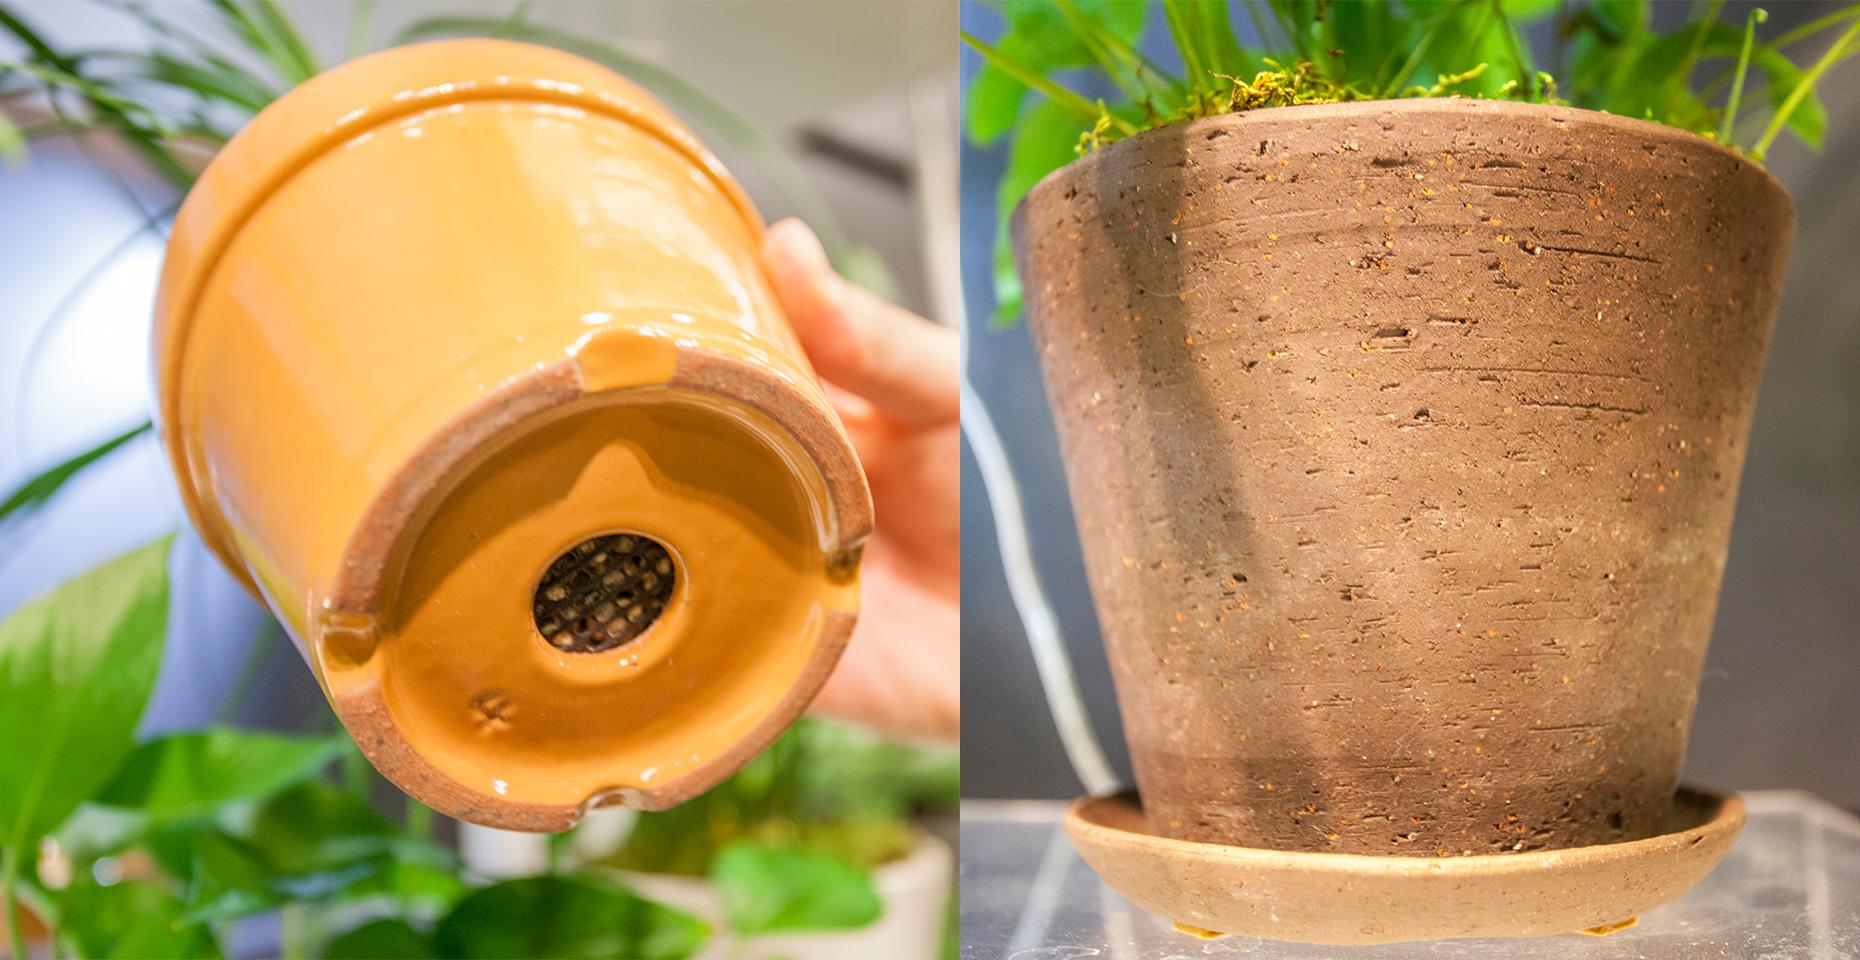 土も呼吸をしなければけないので、鉢は素焼きなどのより自然に近い素材のものを。通気性もよく、植物も上手に育ちます。水をあげ過ぎた時も余分な水分が溜まりっぱなしにならないように、鉢は必ず下に穴の開いているものを選びましょう。